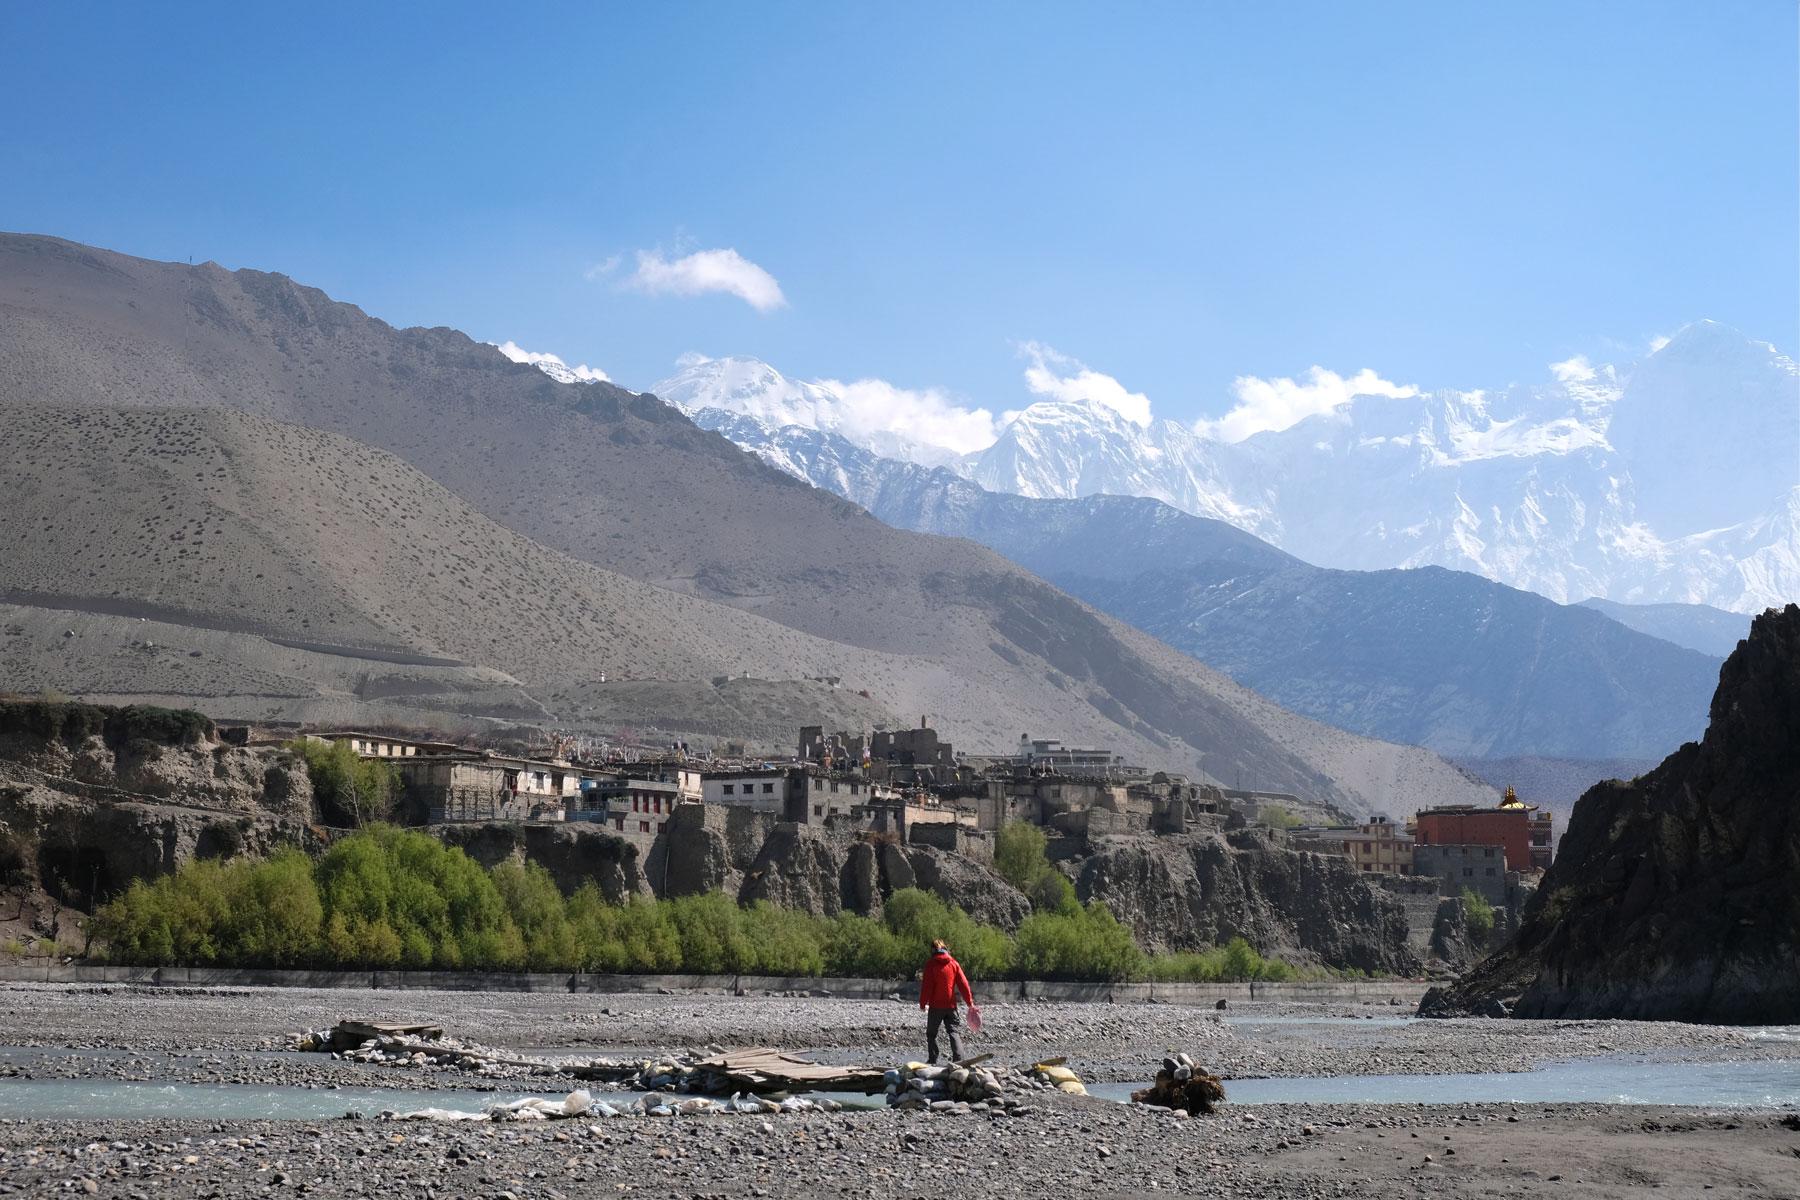 Das beeindruckende Flussbett des Kali Gandaki mit einem aktuell recht kleinem Fluss vor Kagbeni